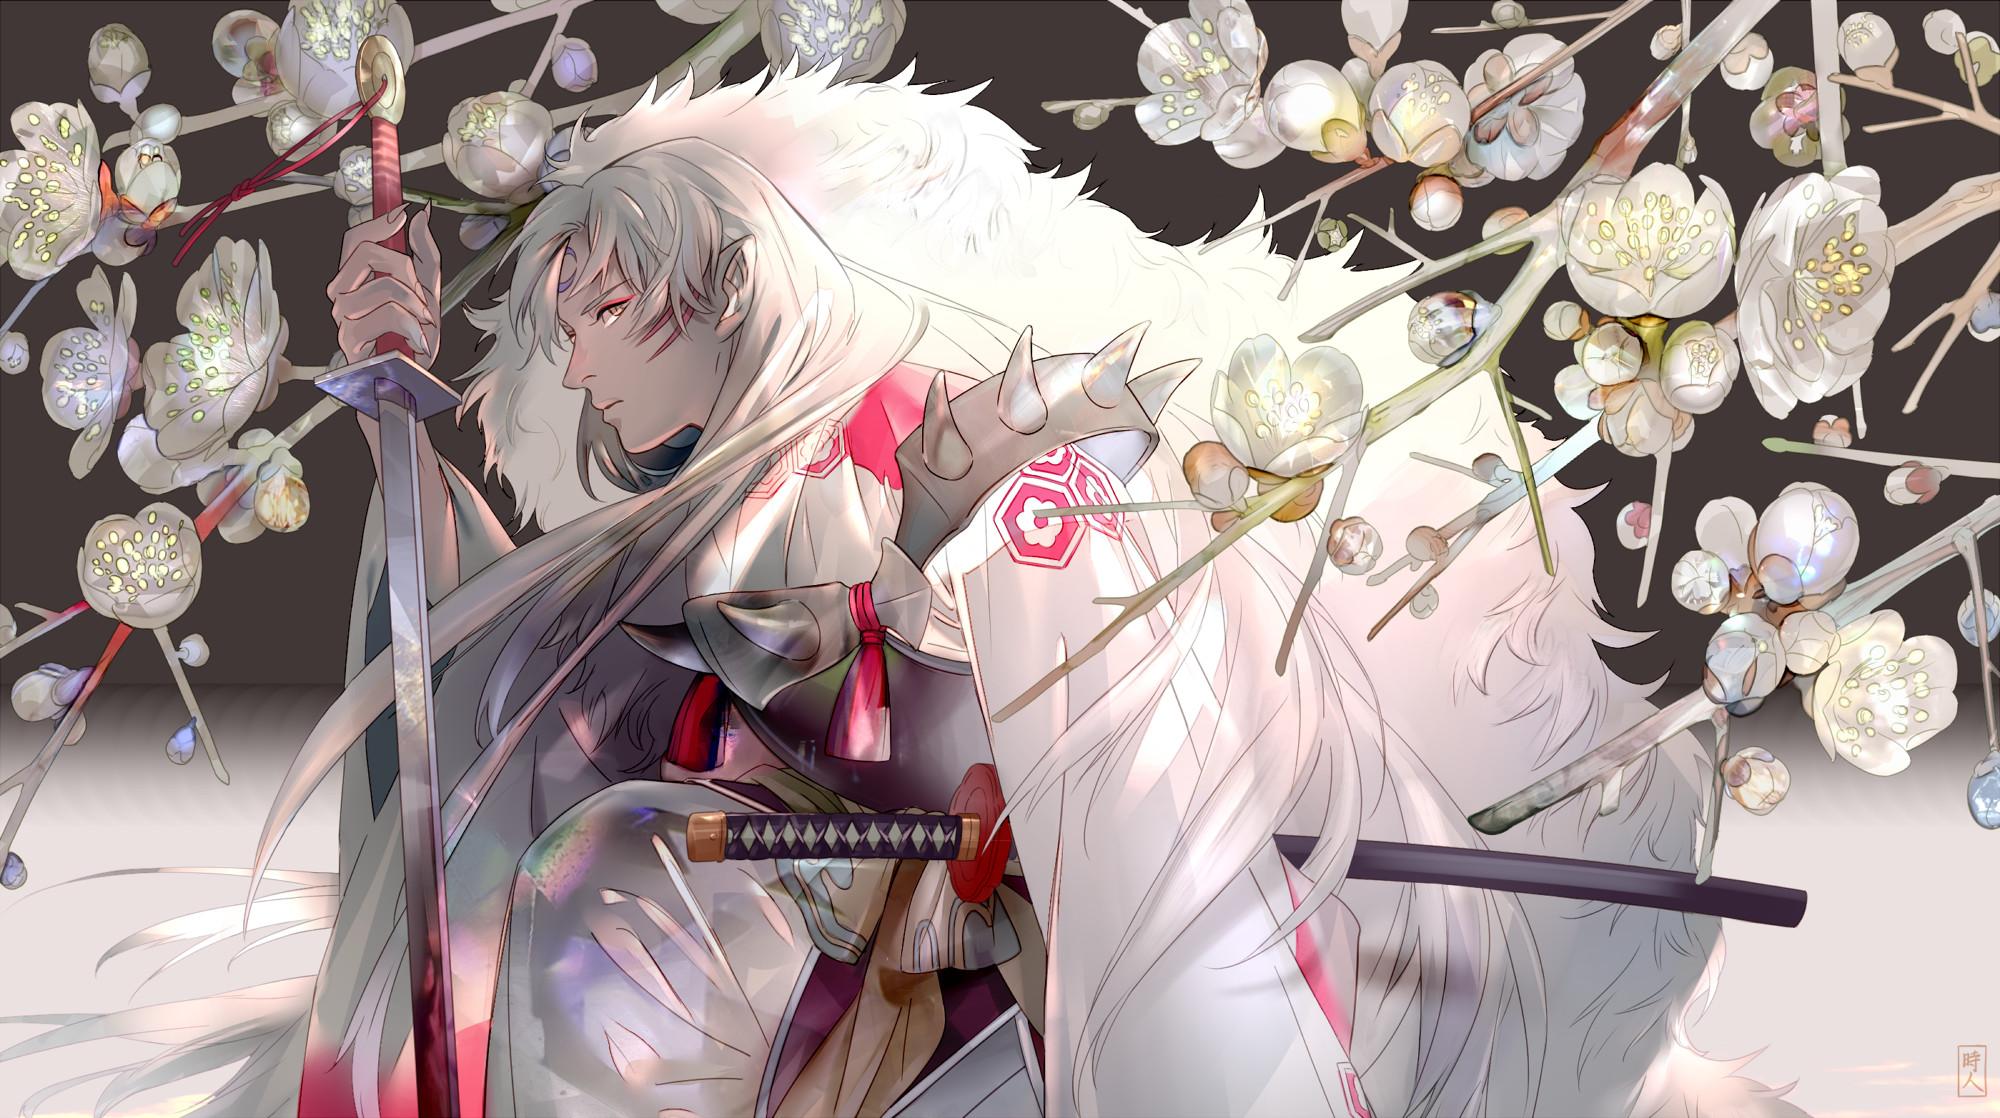 Inuyasha Wallpaper Hd 69 Images